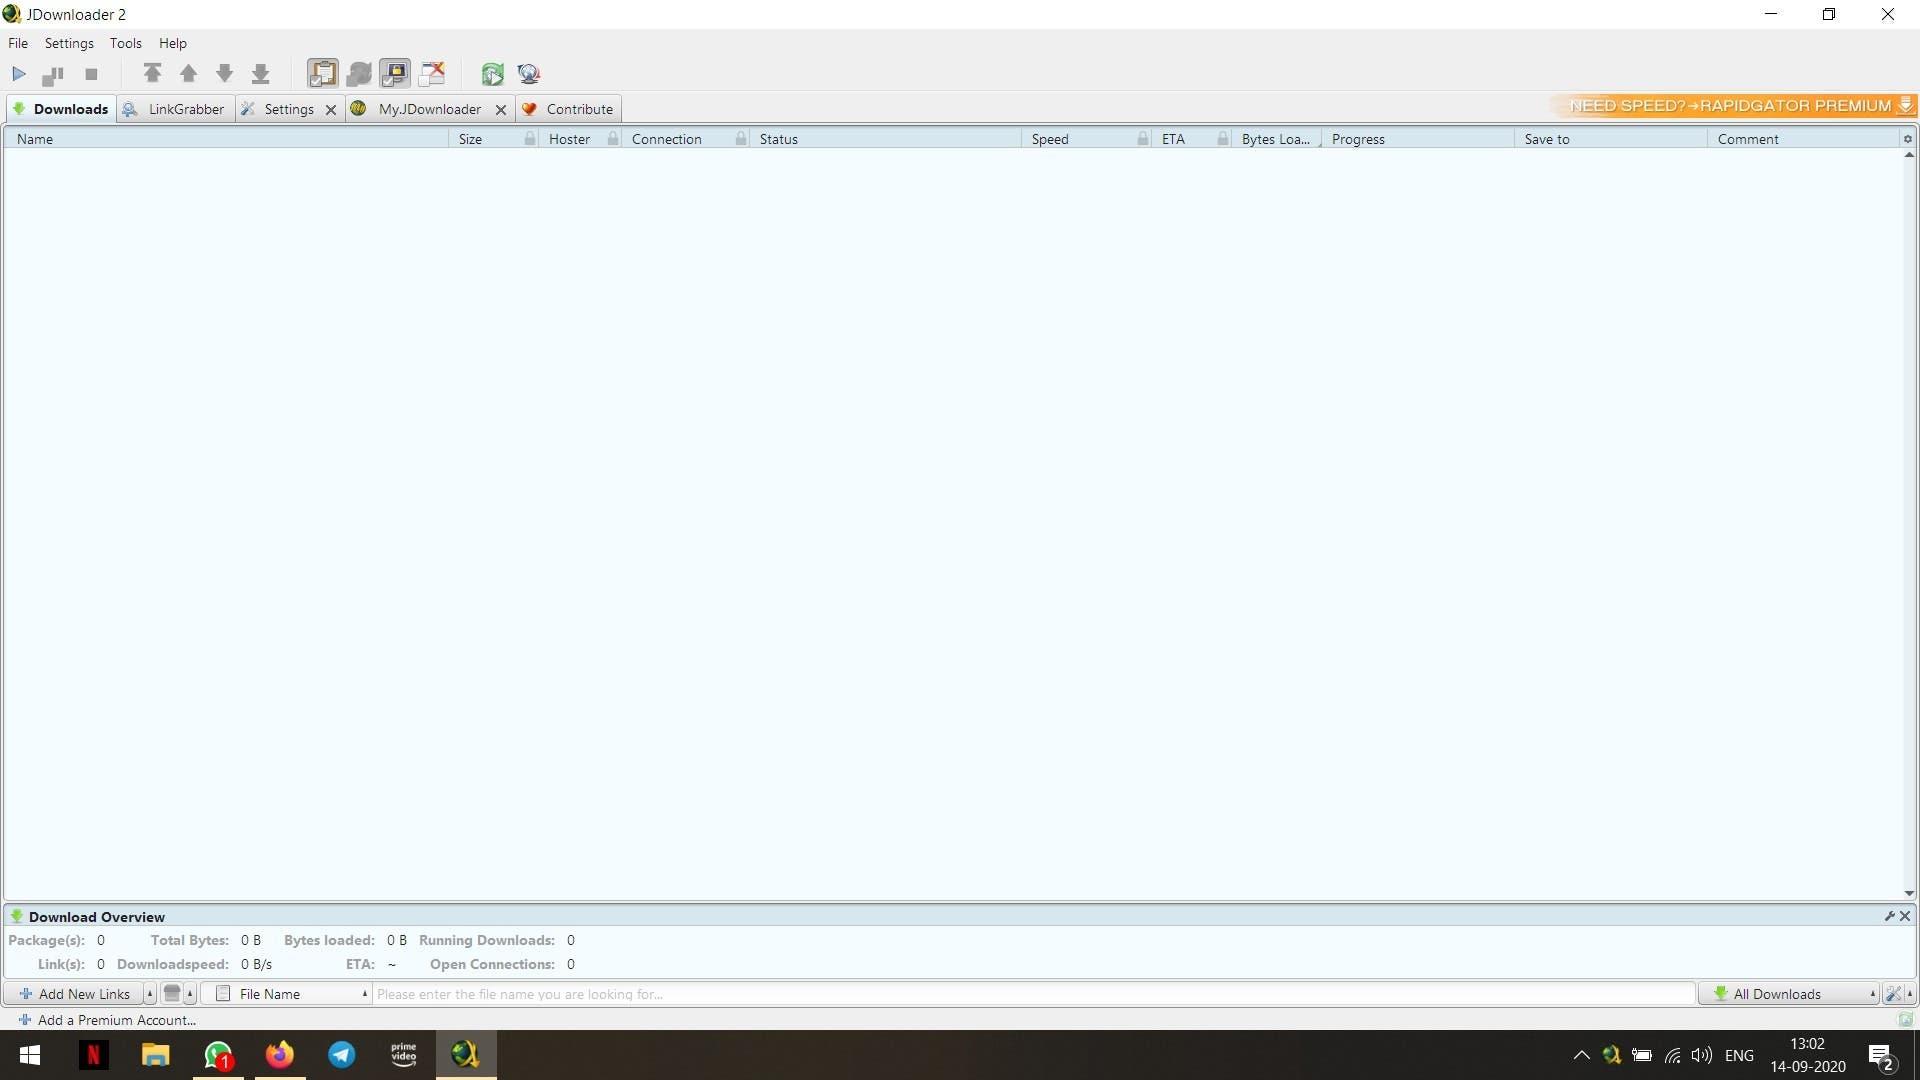 Cómo arreglar el texto borroso en JDownloader